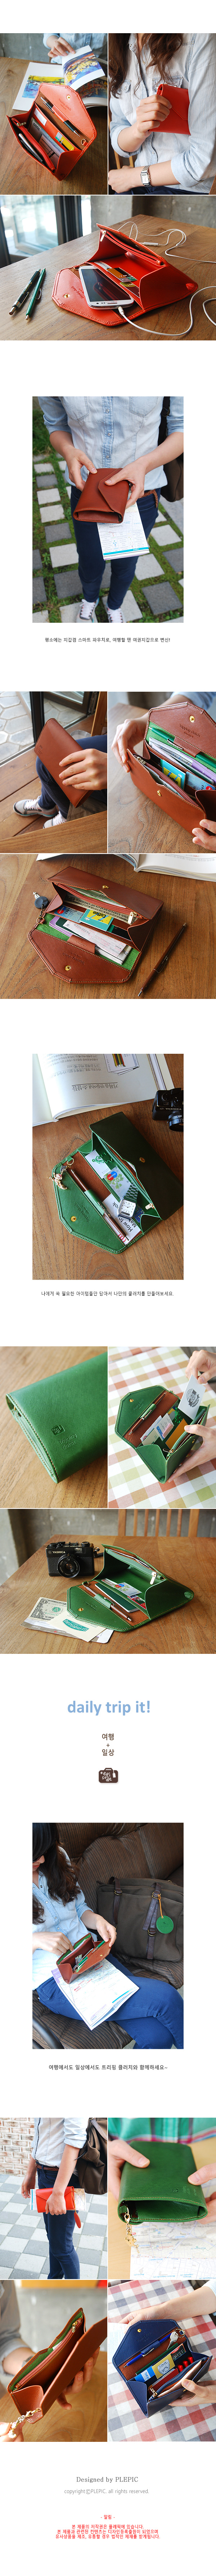 트리핑 클러치 ver.2 - 플레픽, 29,800원, 여성용, 장지갑